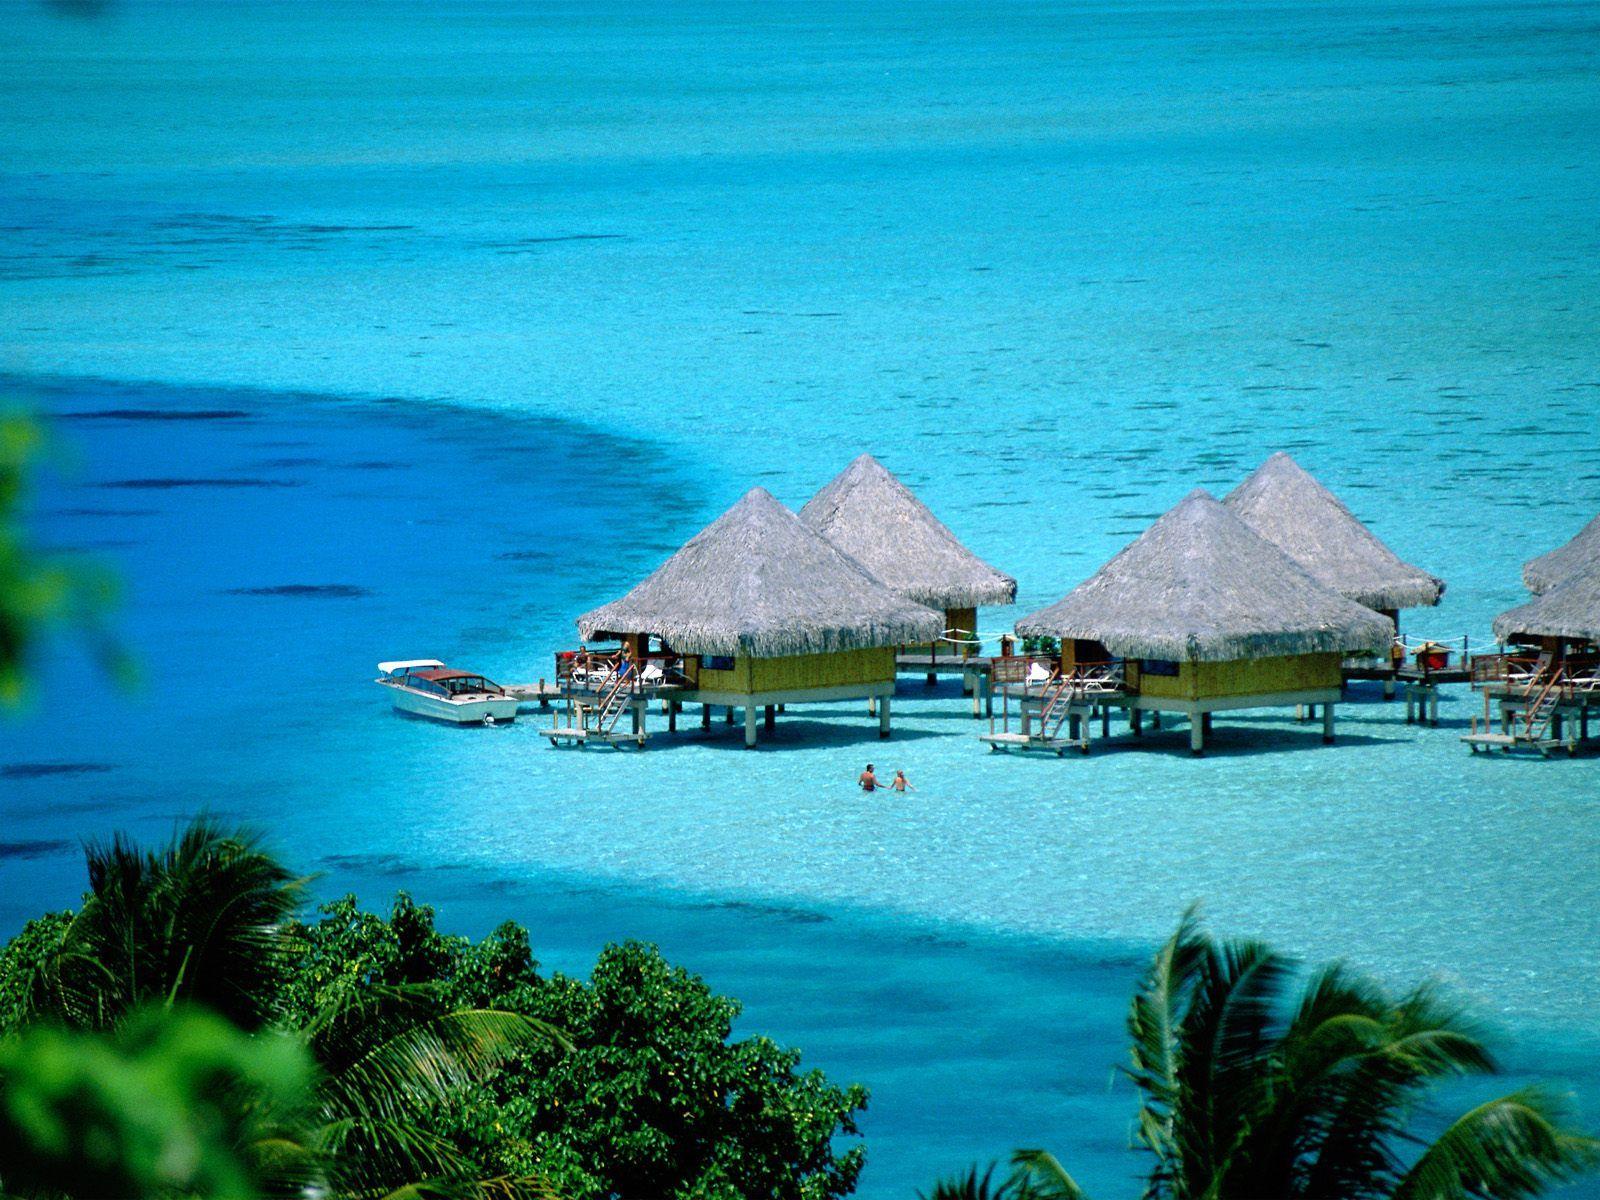 fond d'écran île Bora Bora